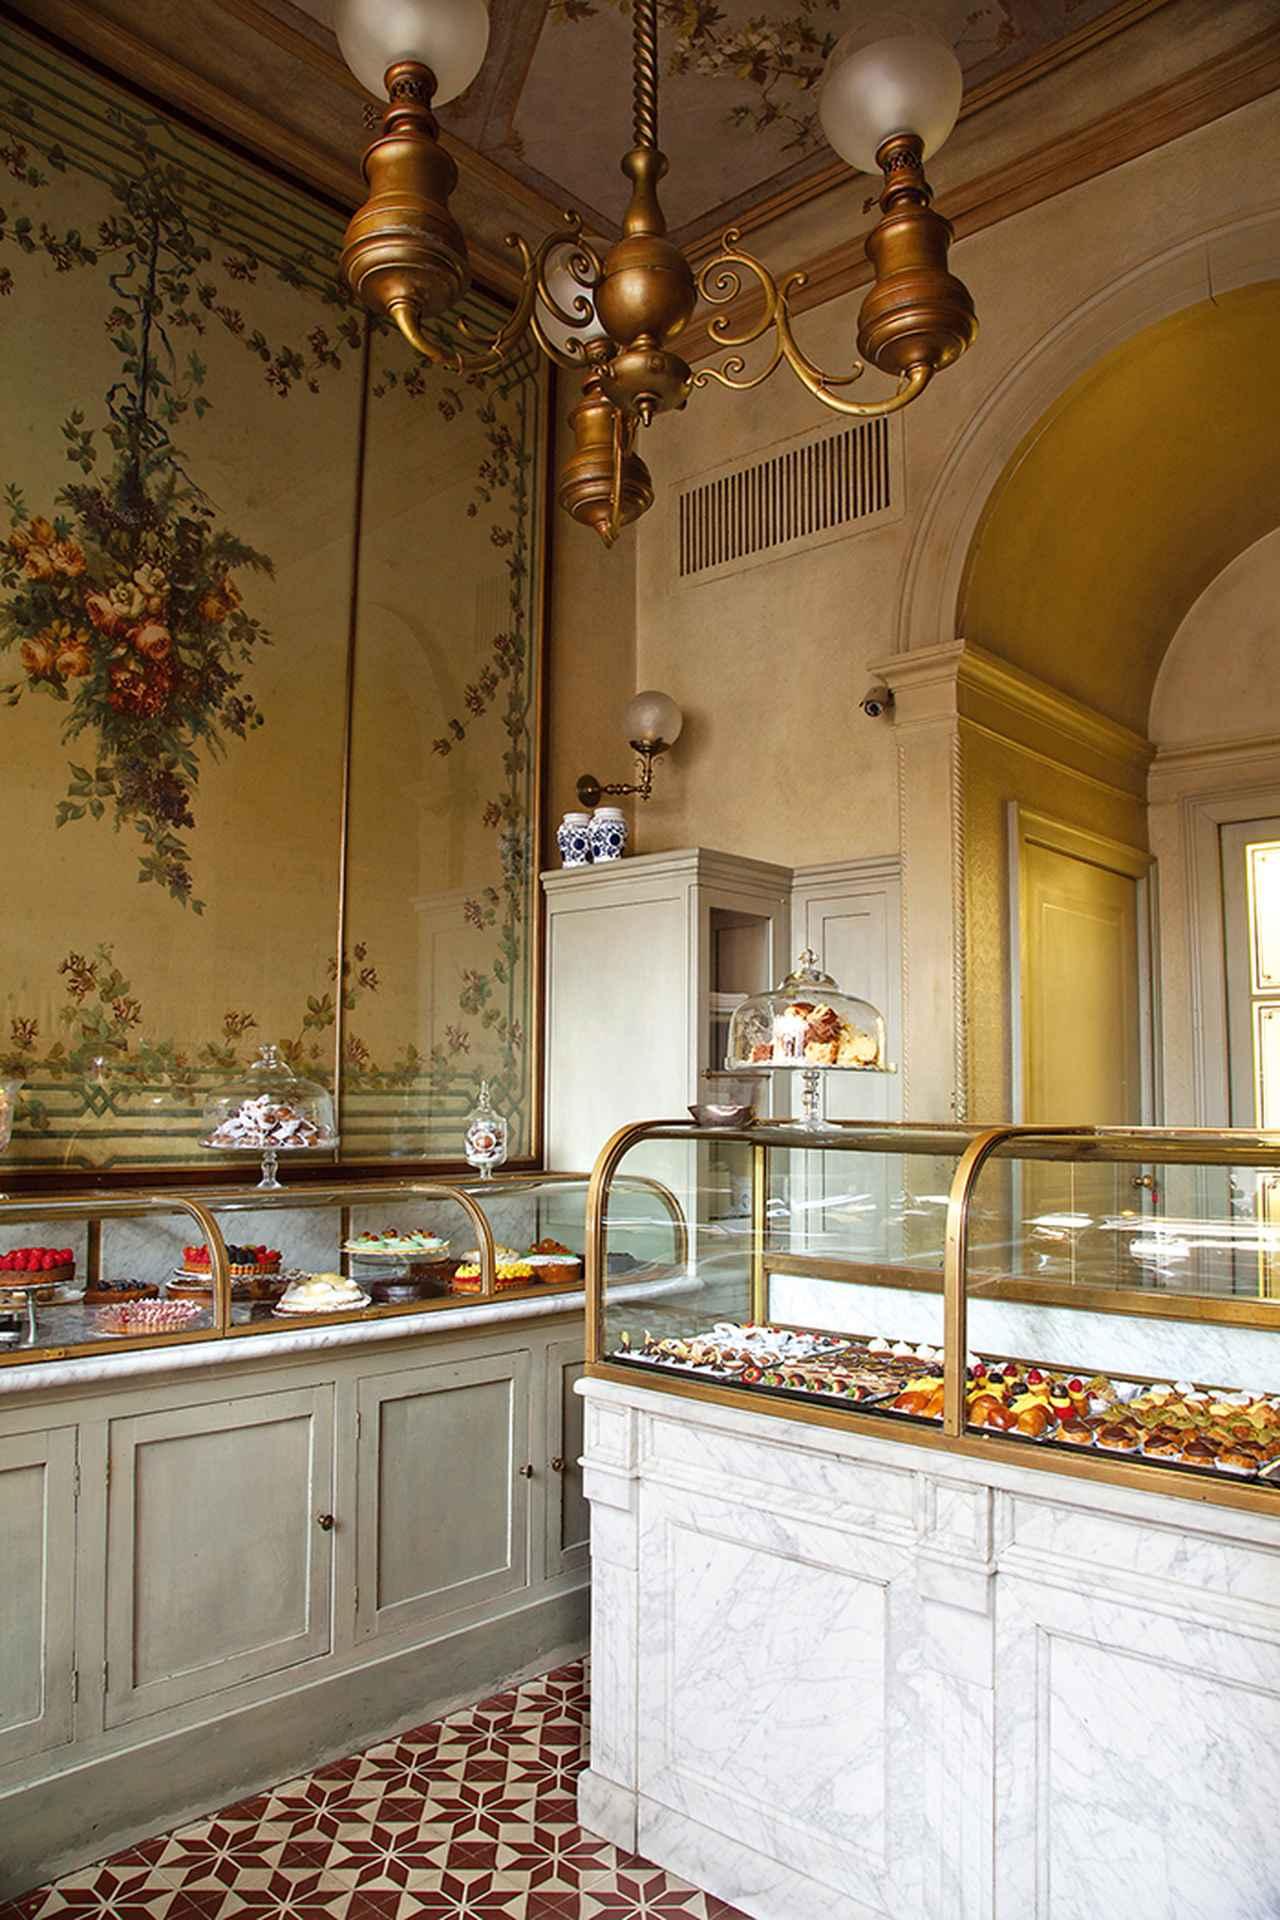 Images : パンやケーキを販売する「ジャコモ・パスティッチェリア」